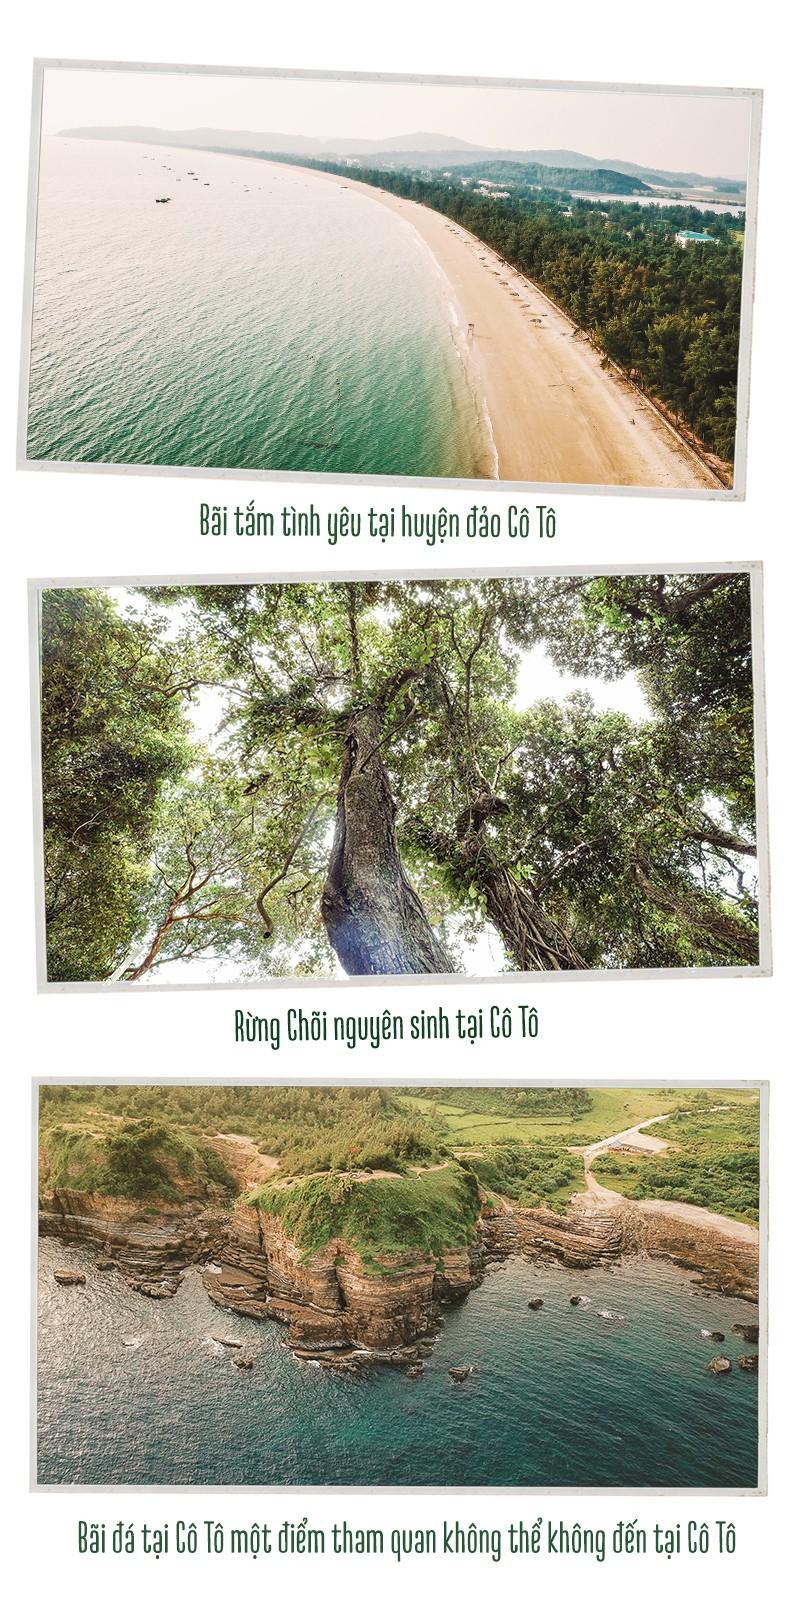 Đảo Cô Tô - thiên đường du lịch vùng Đông Bắc - Ảnh 3.